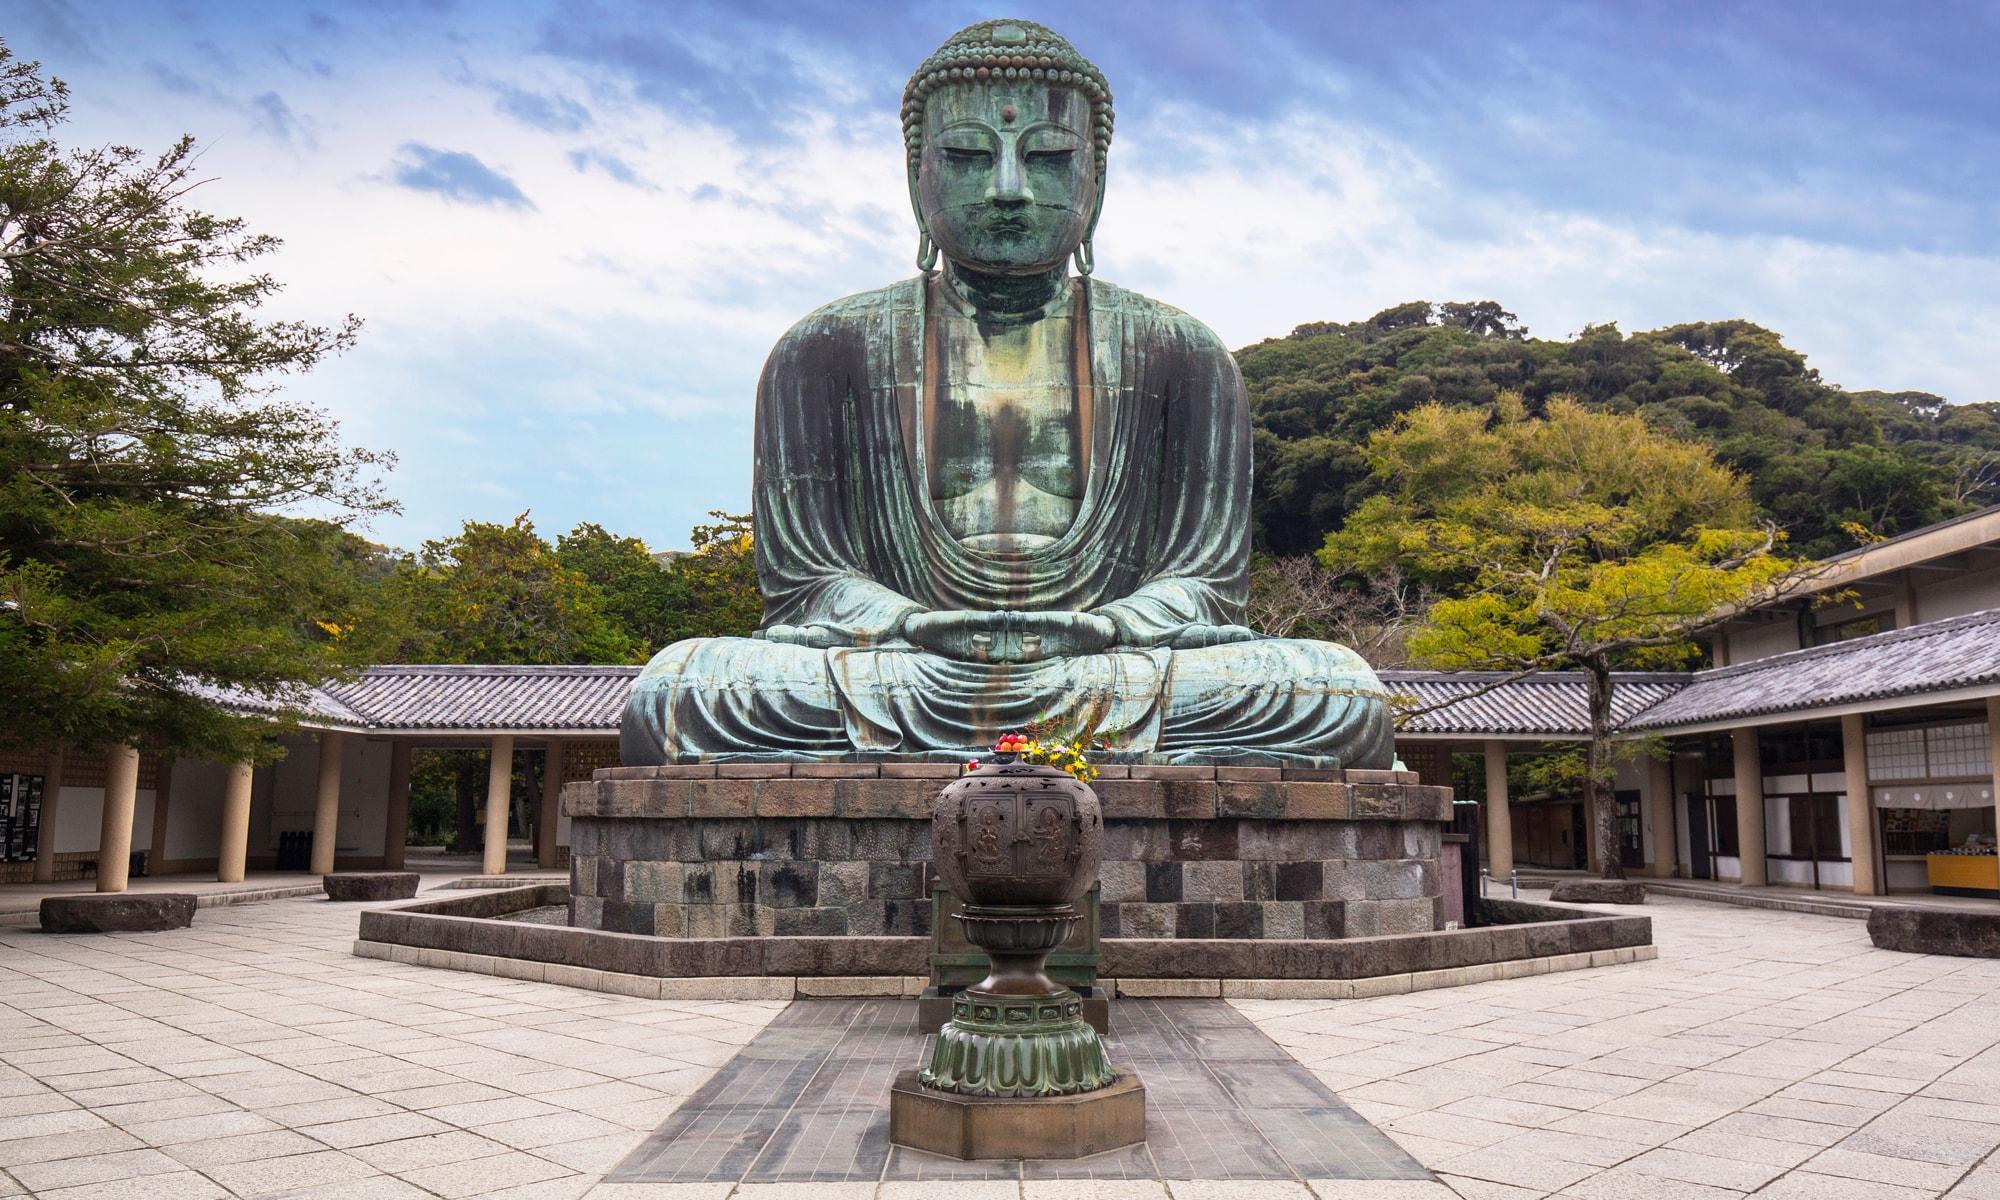 daibutsu - the big buddha